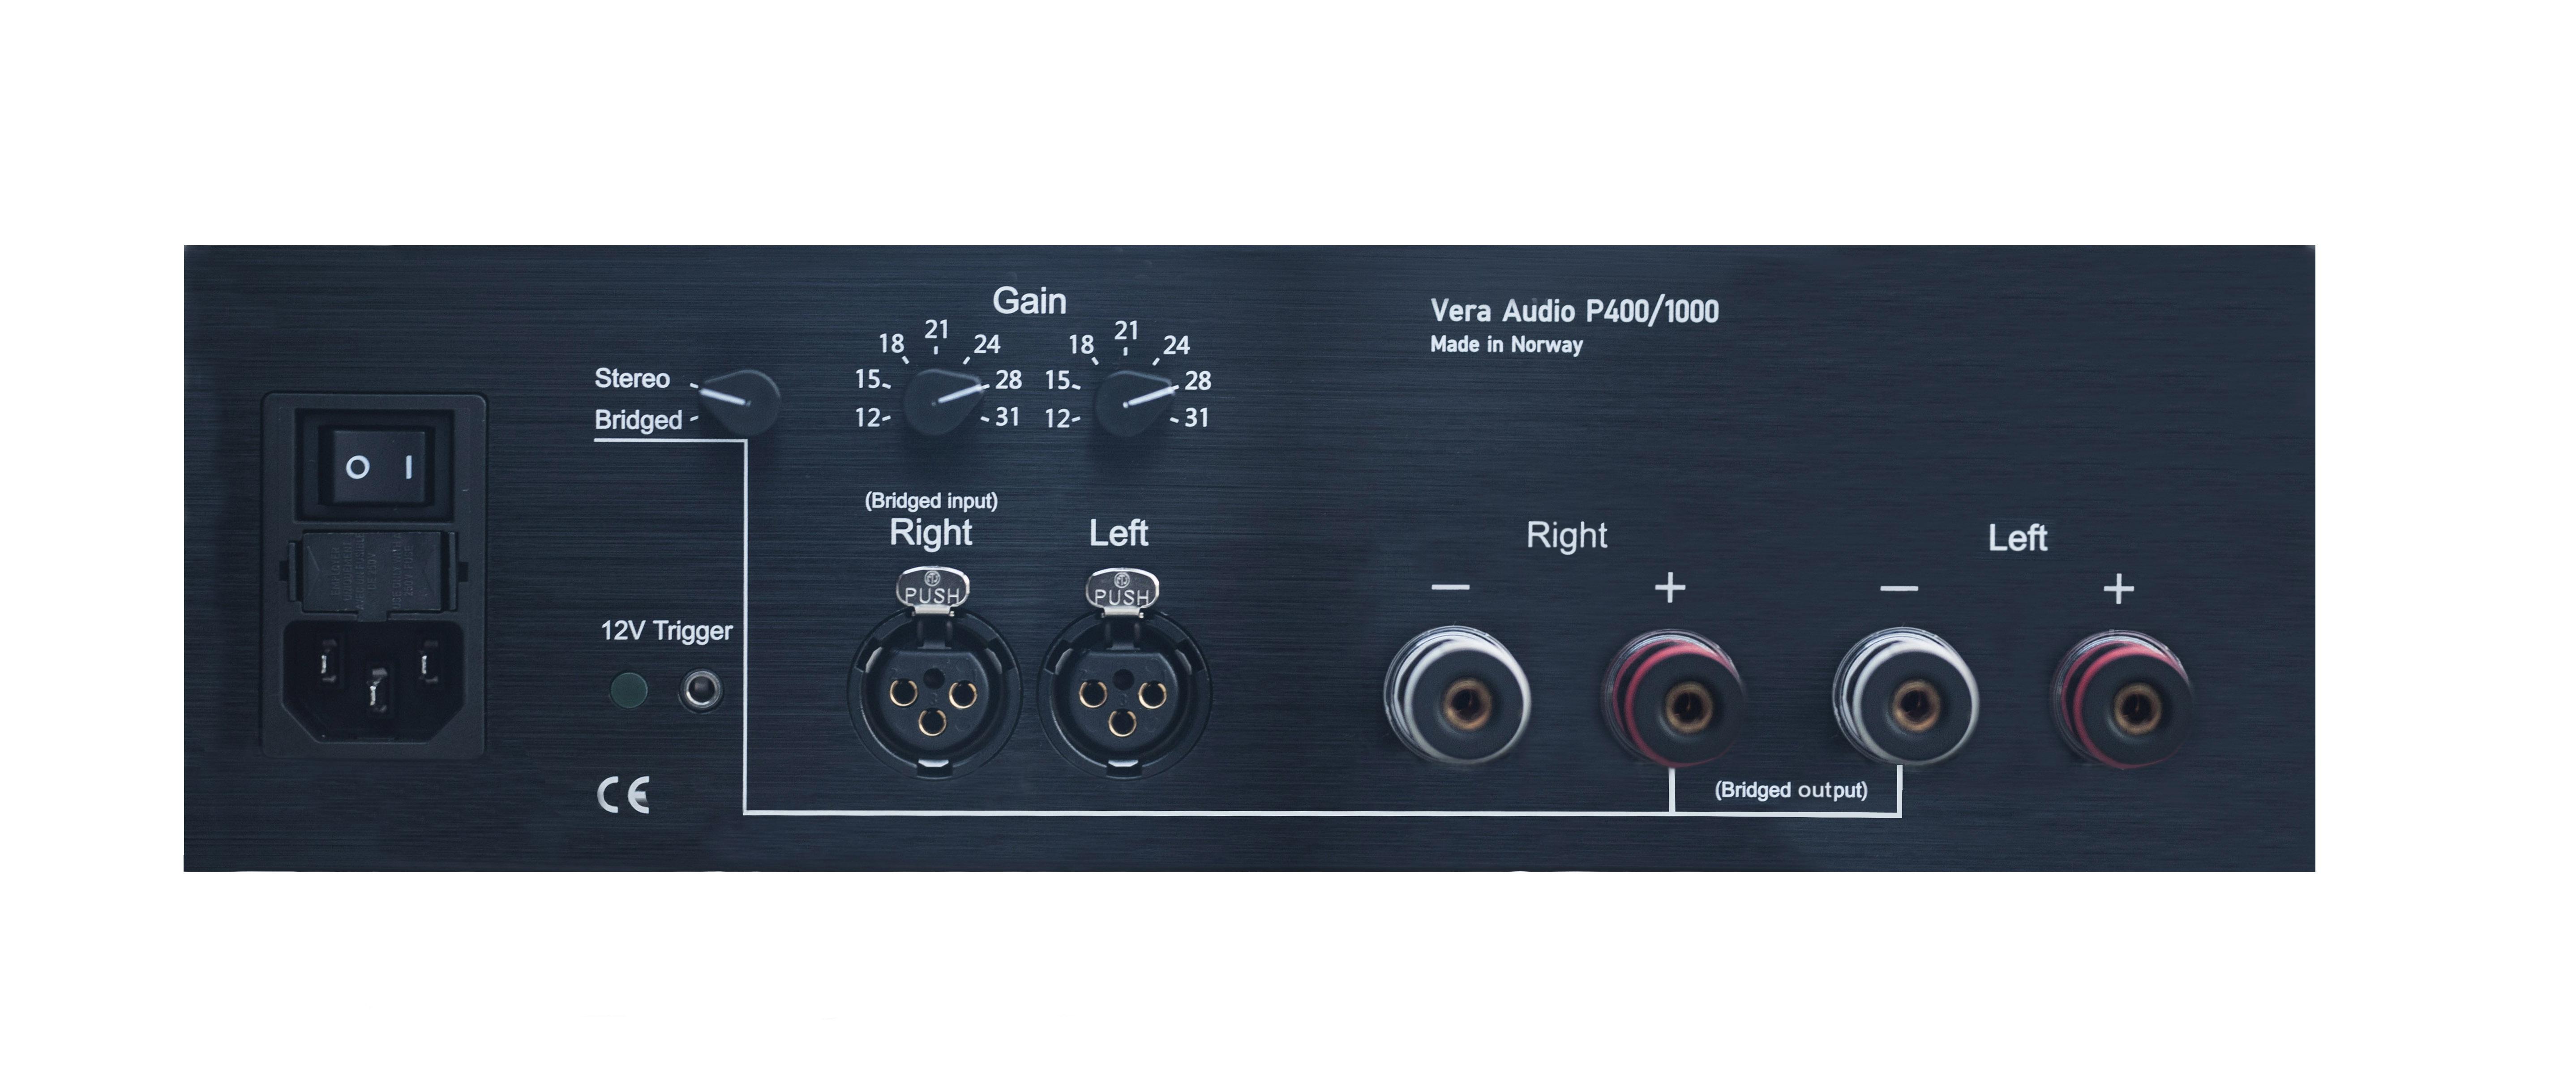 Vera Audio P400/1000 rear 2.jpg